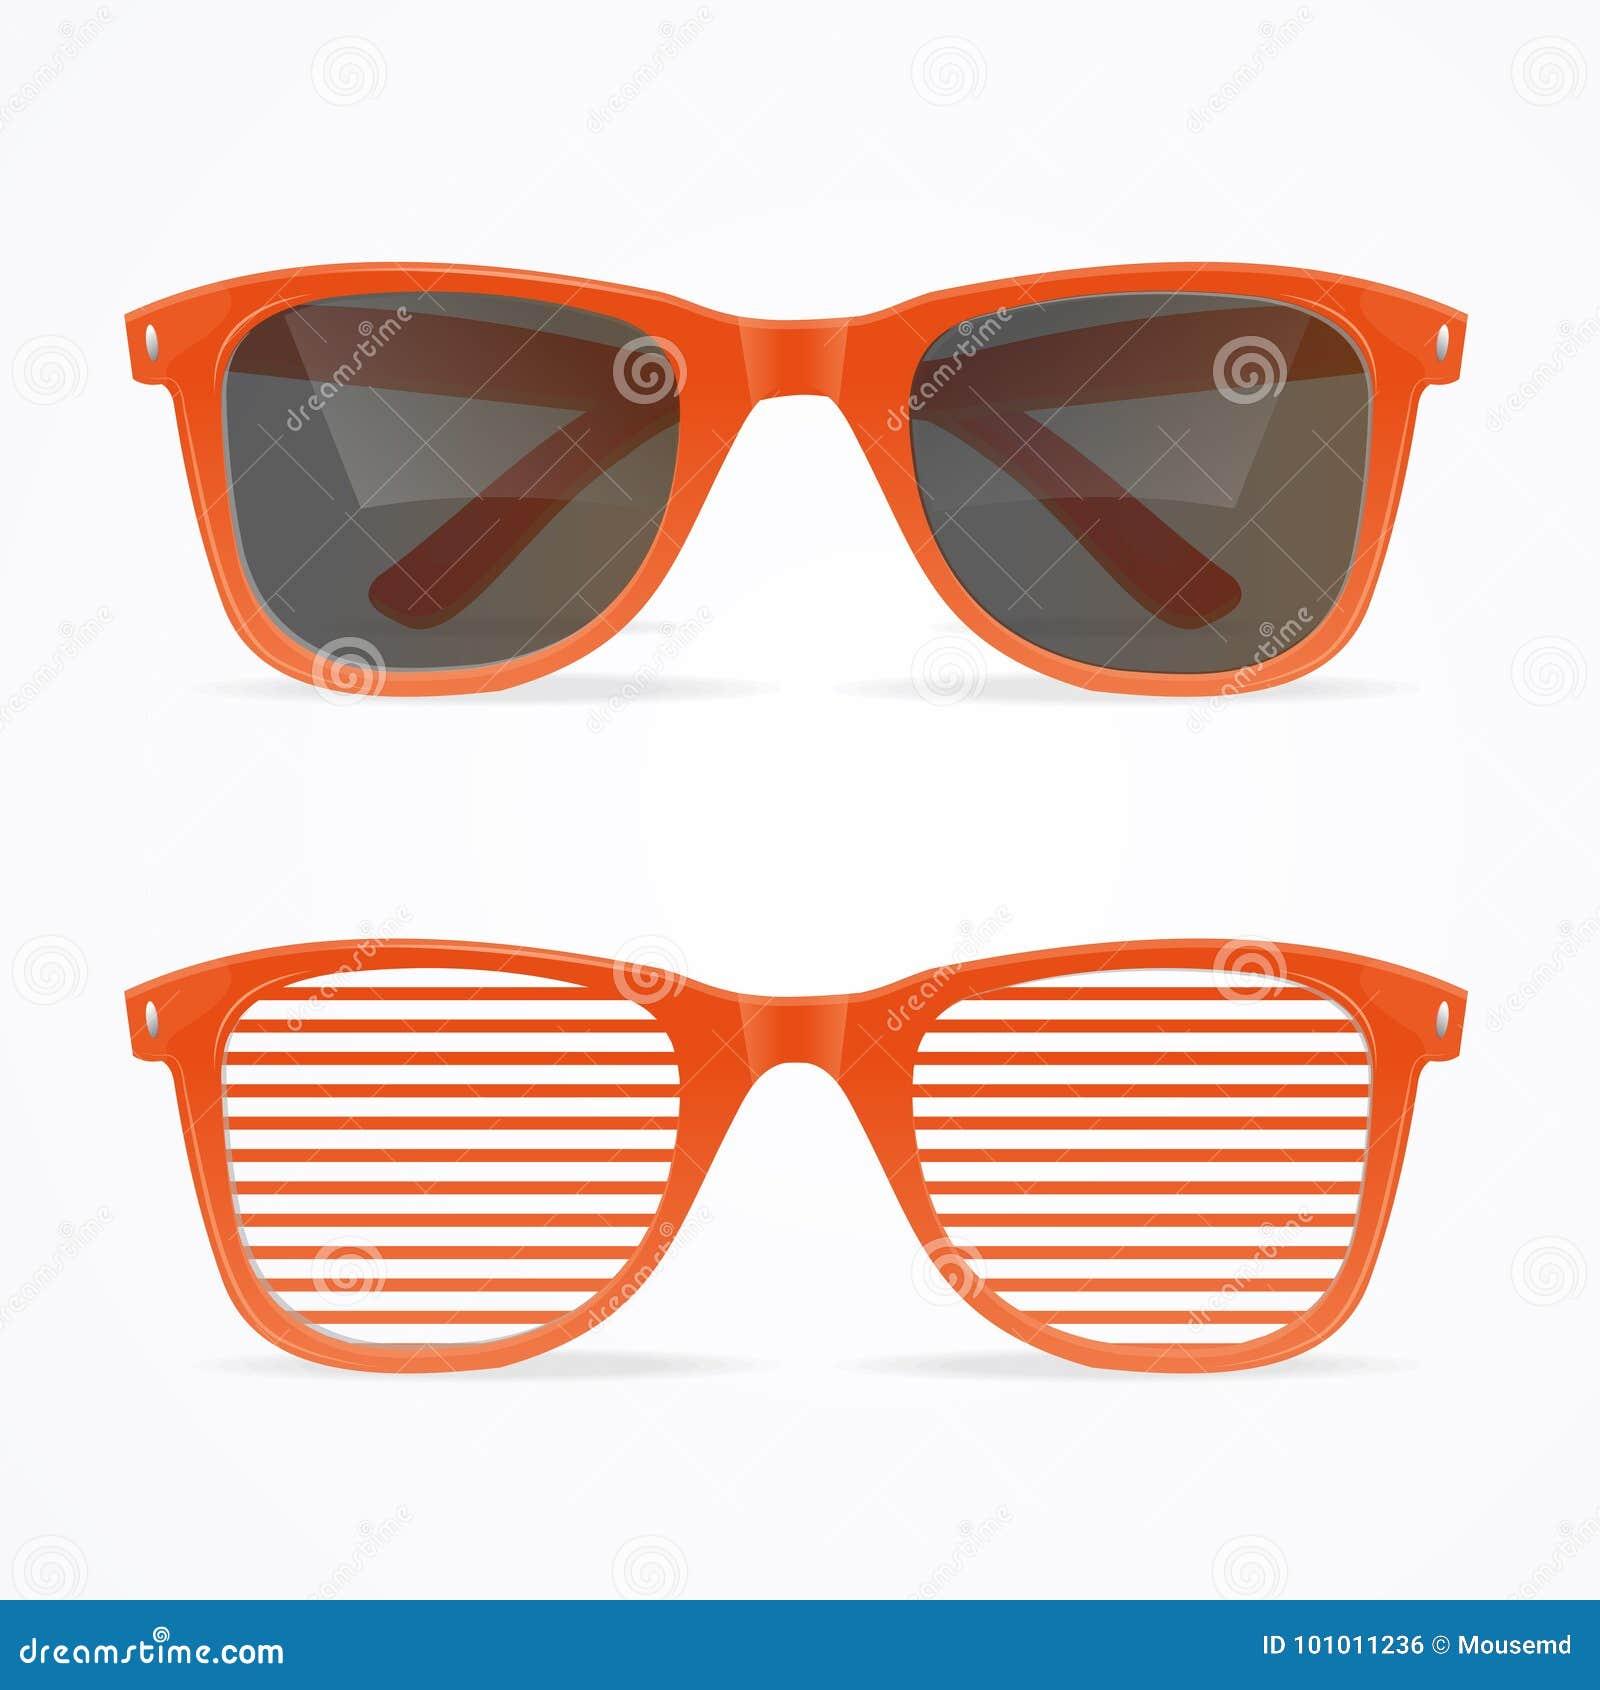 Os óculos de sol 3d realísticos listraram o conceito retro vermelho e preto Vetor